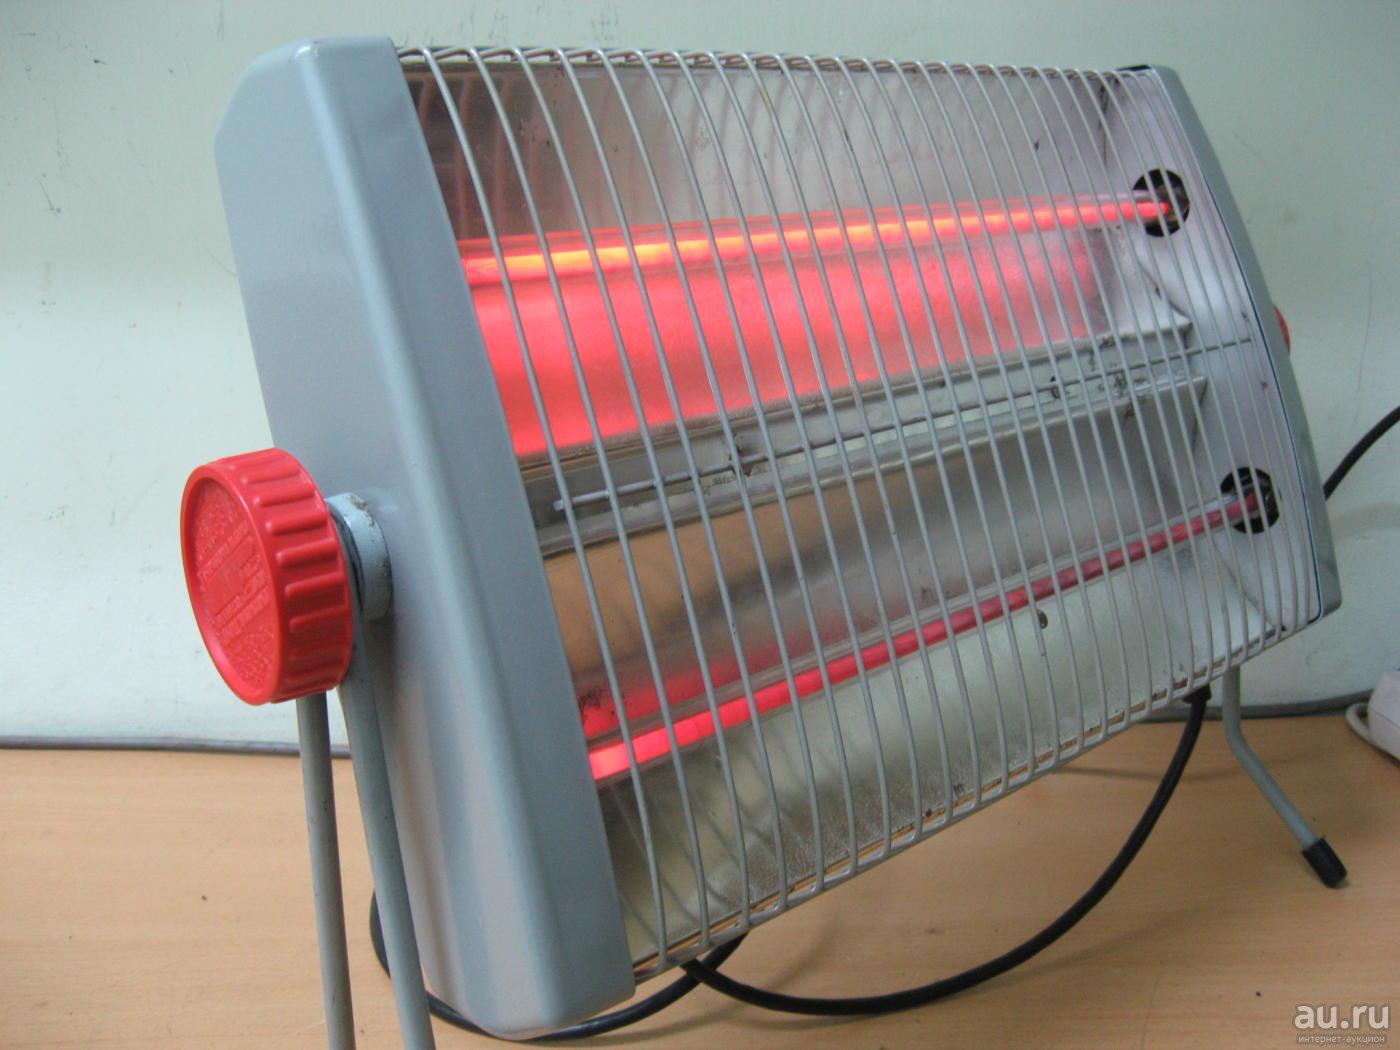 Как обогреть помещение без электричества: грелки из подручных материалов - сам себе мастер - медиаплатформа миртесен